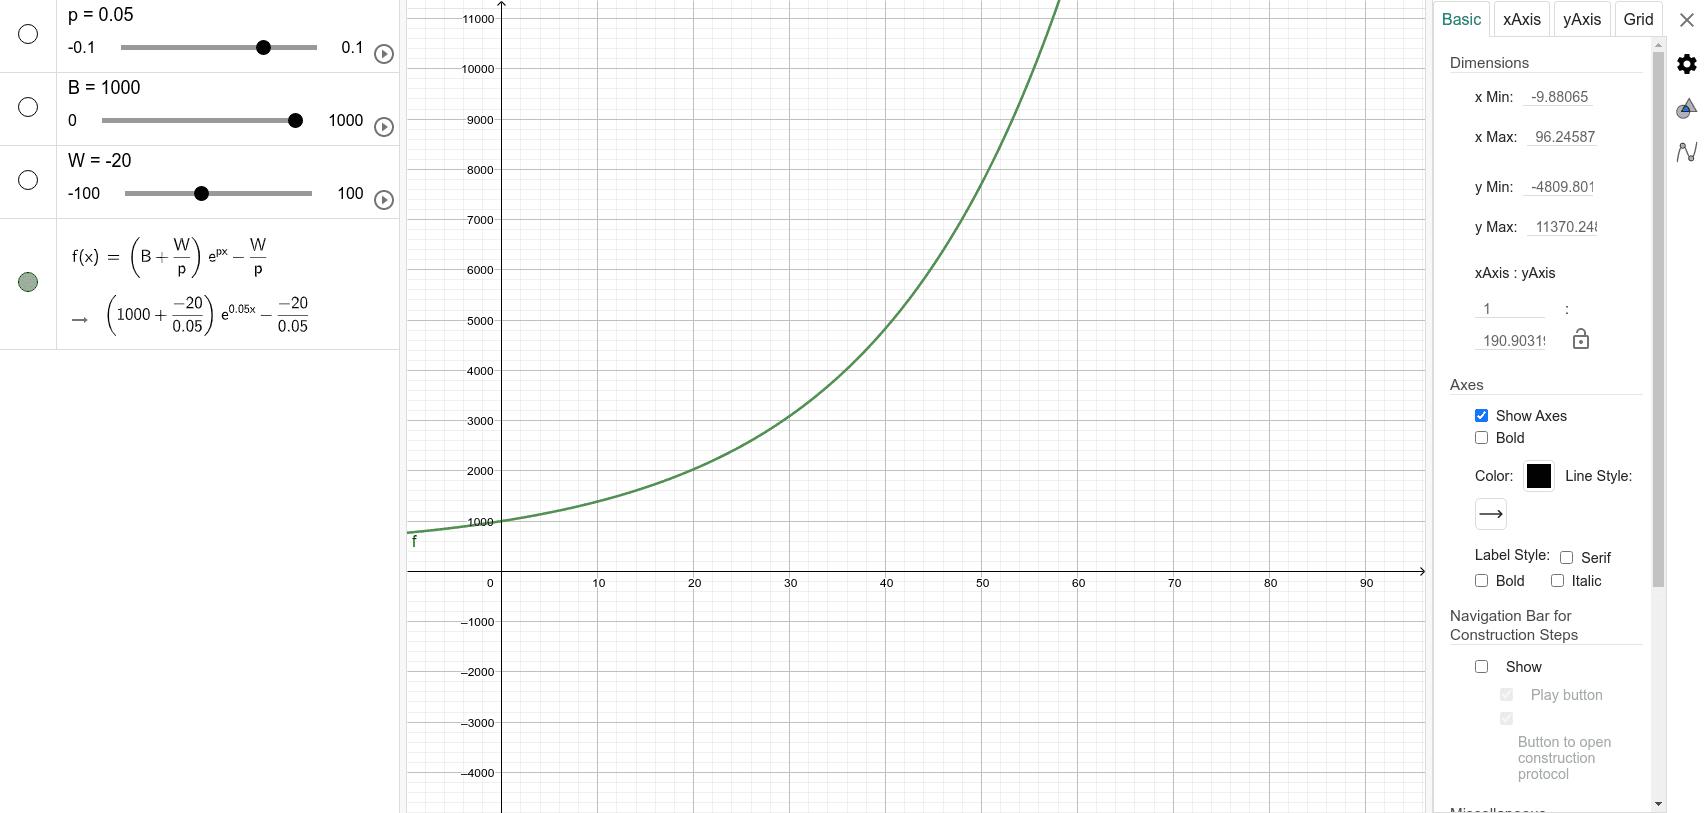 Bevölkerungsentwicklung Drücke die Eingabetaste um die Aktivität zu starten